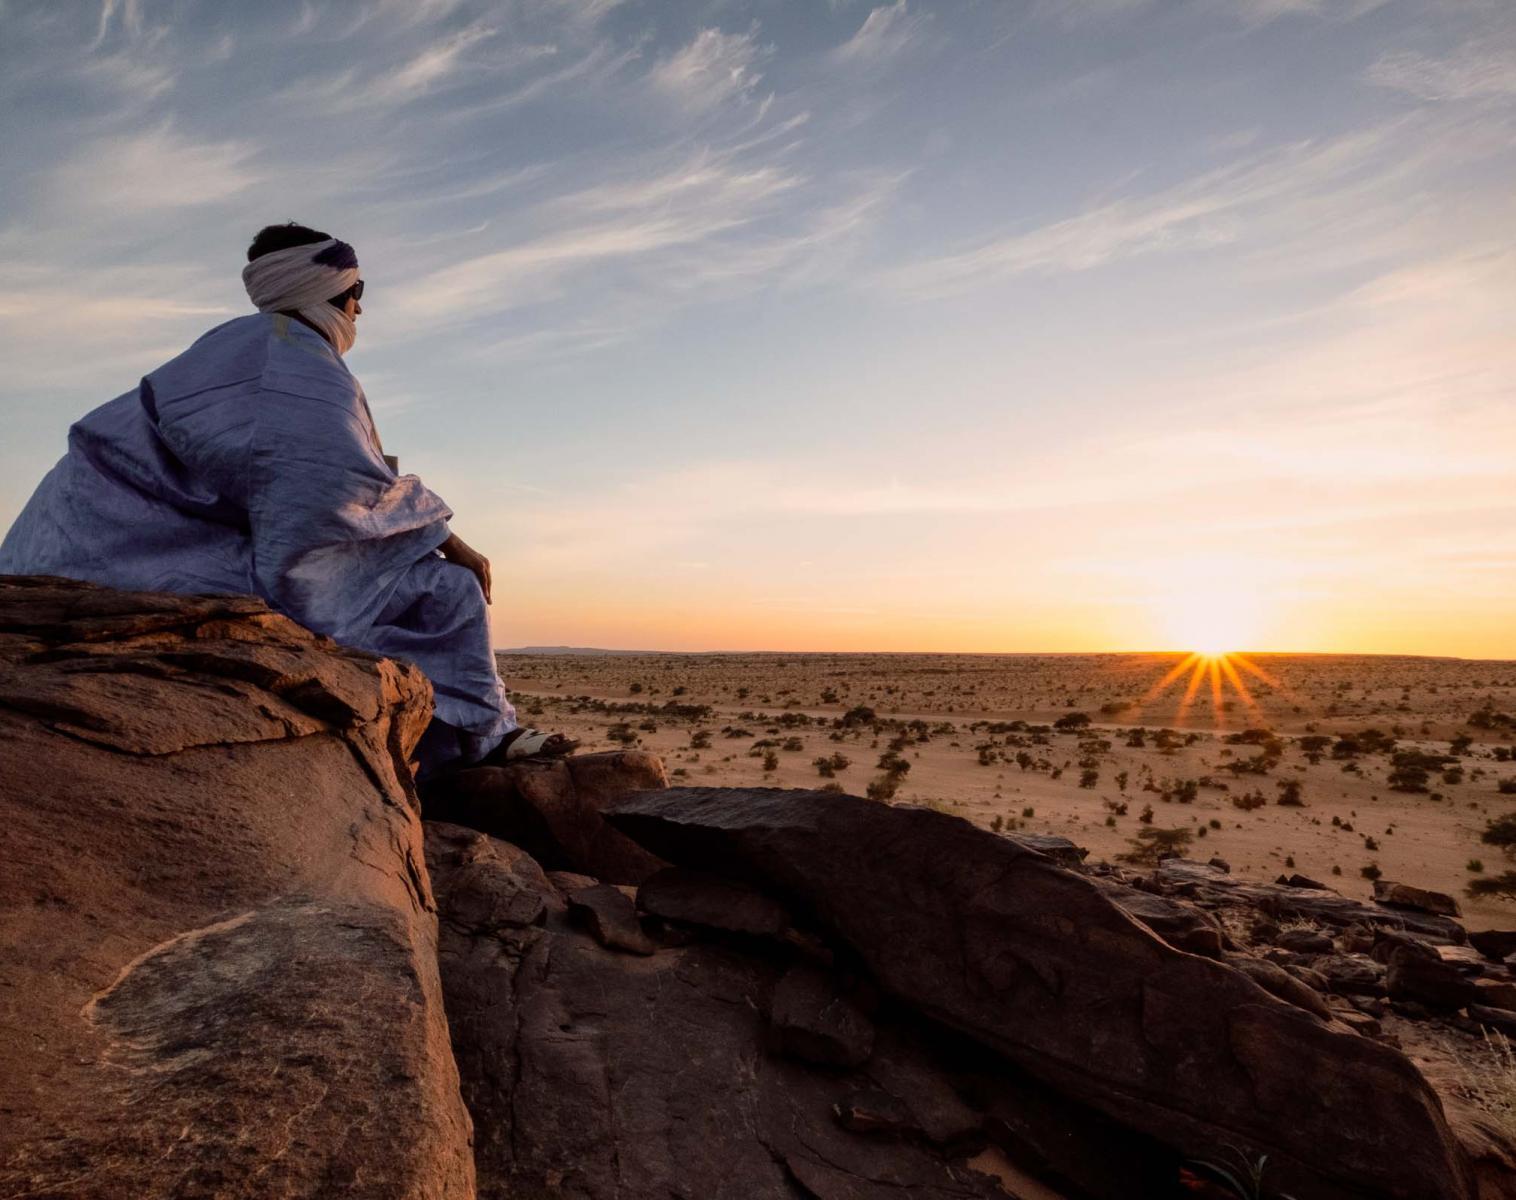 Mauritanie  Voyage Photo dans le désert du Sahara, en Mauritanie   Découverte Rencontres et cultures du Monde